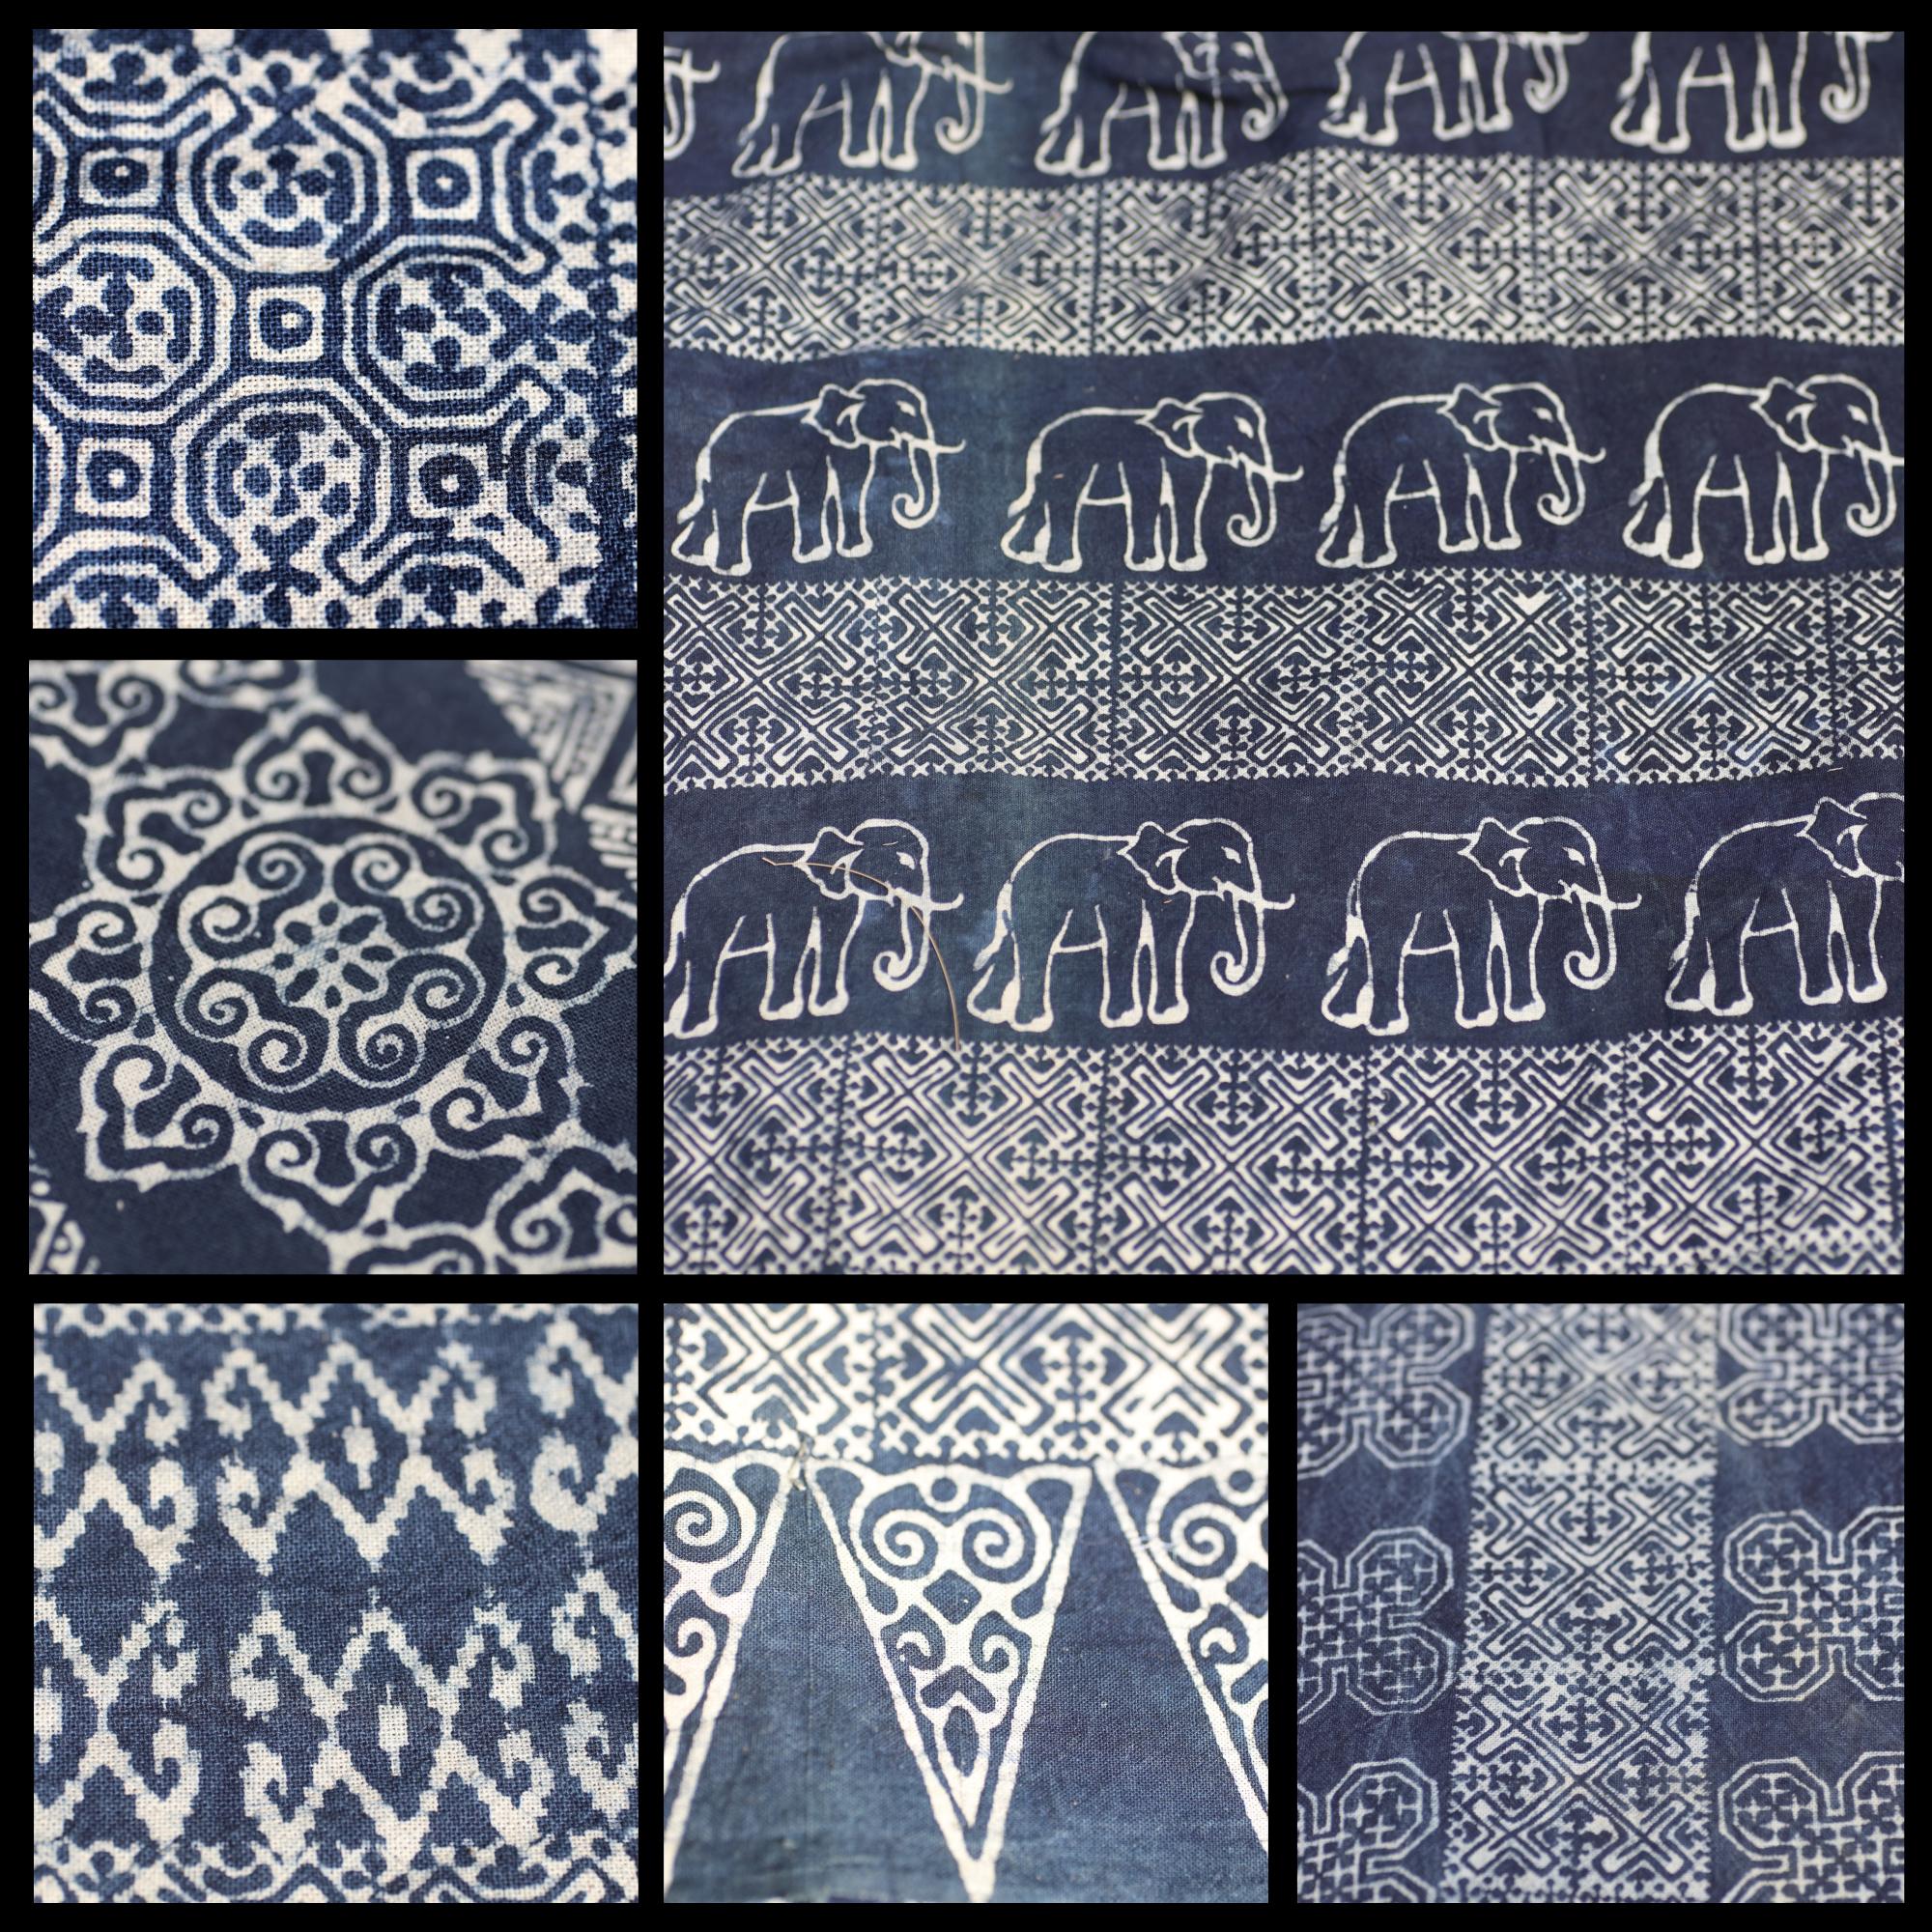 batik hmong achat paris mes indes galantes